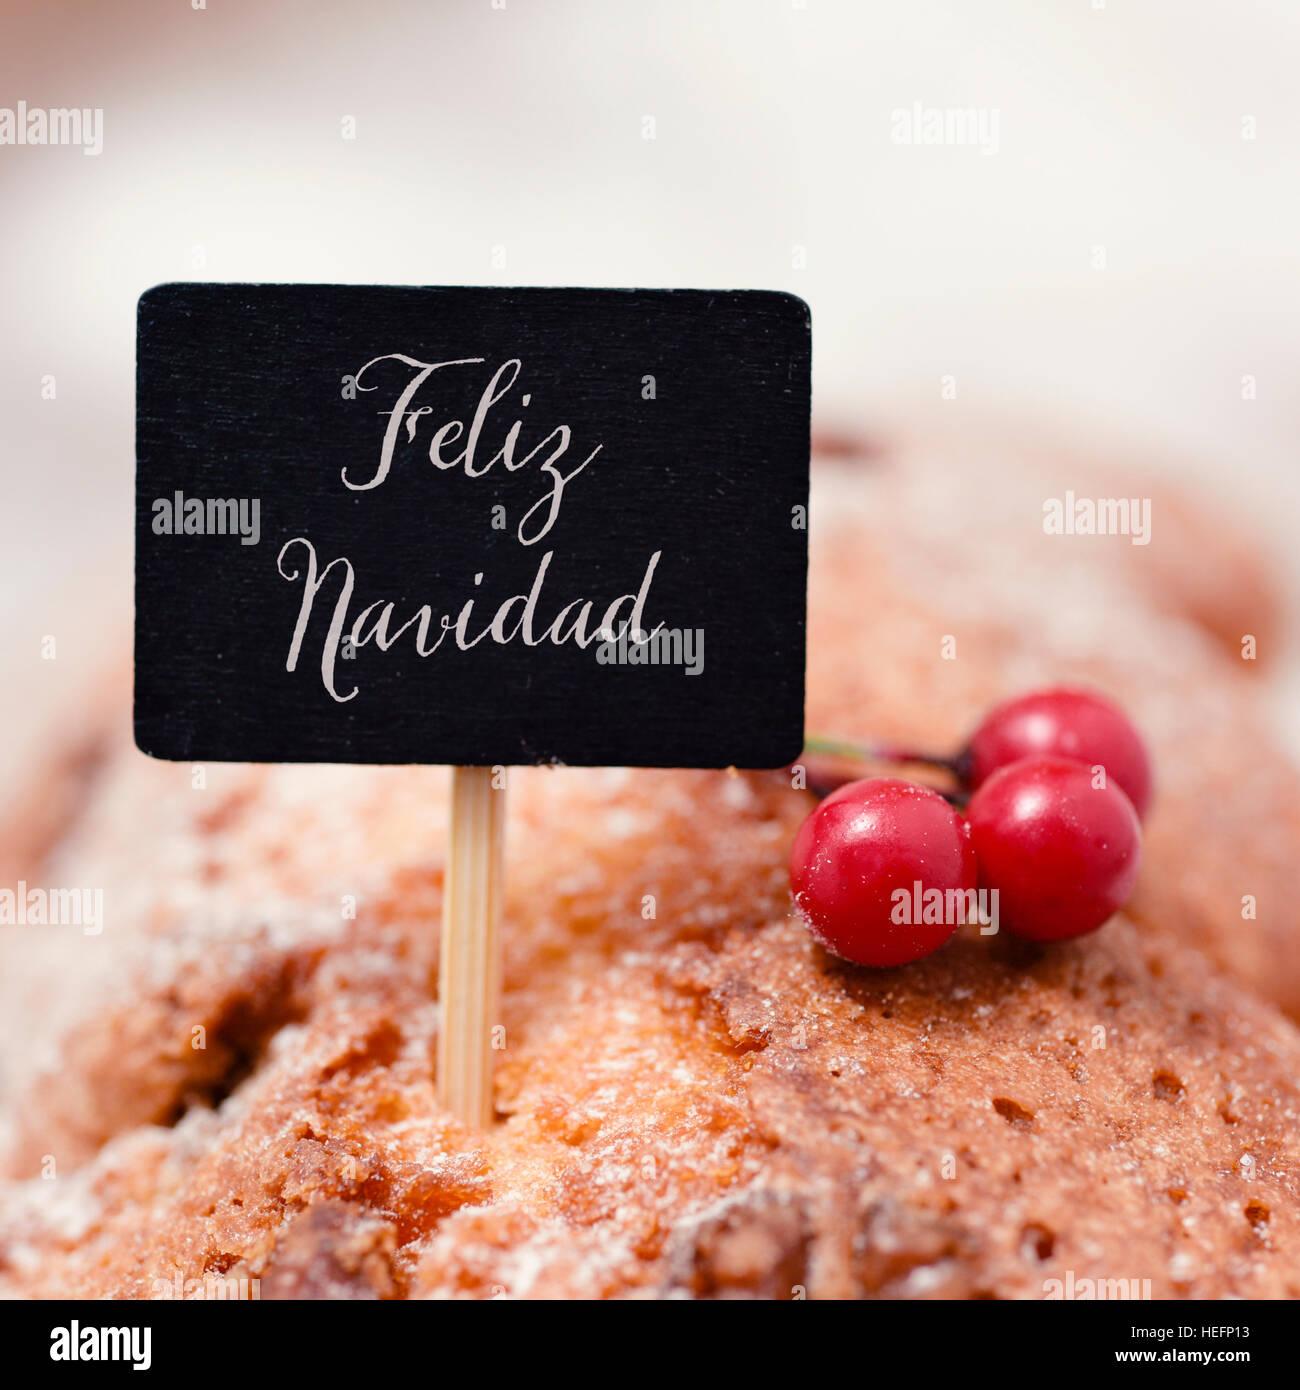 Primer plano de un cartel con el texto negro feliz navidad, feliz navidad en español, encabezando un pastel Imagen De Stock